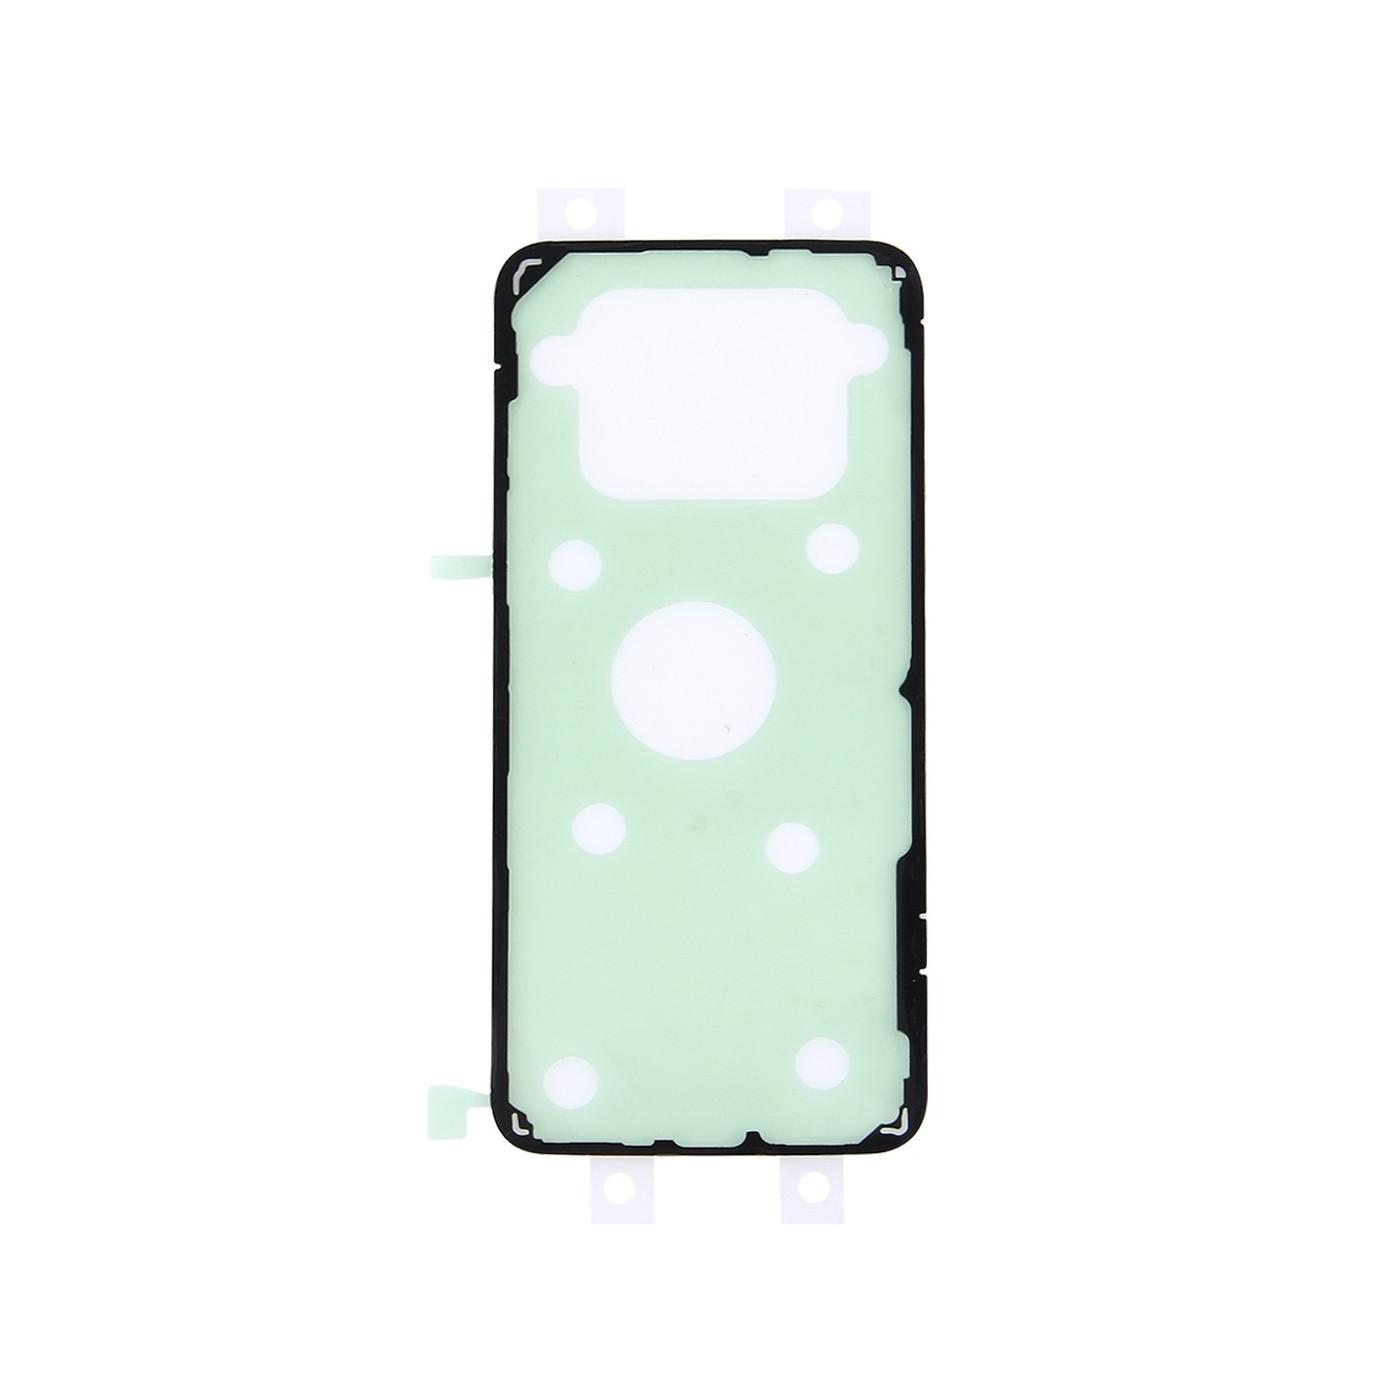 Coque arrière adhésive double face Adhésif Samsung Galaxy S8 G950F Coque arrière